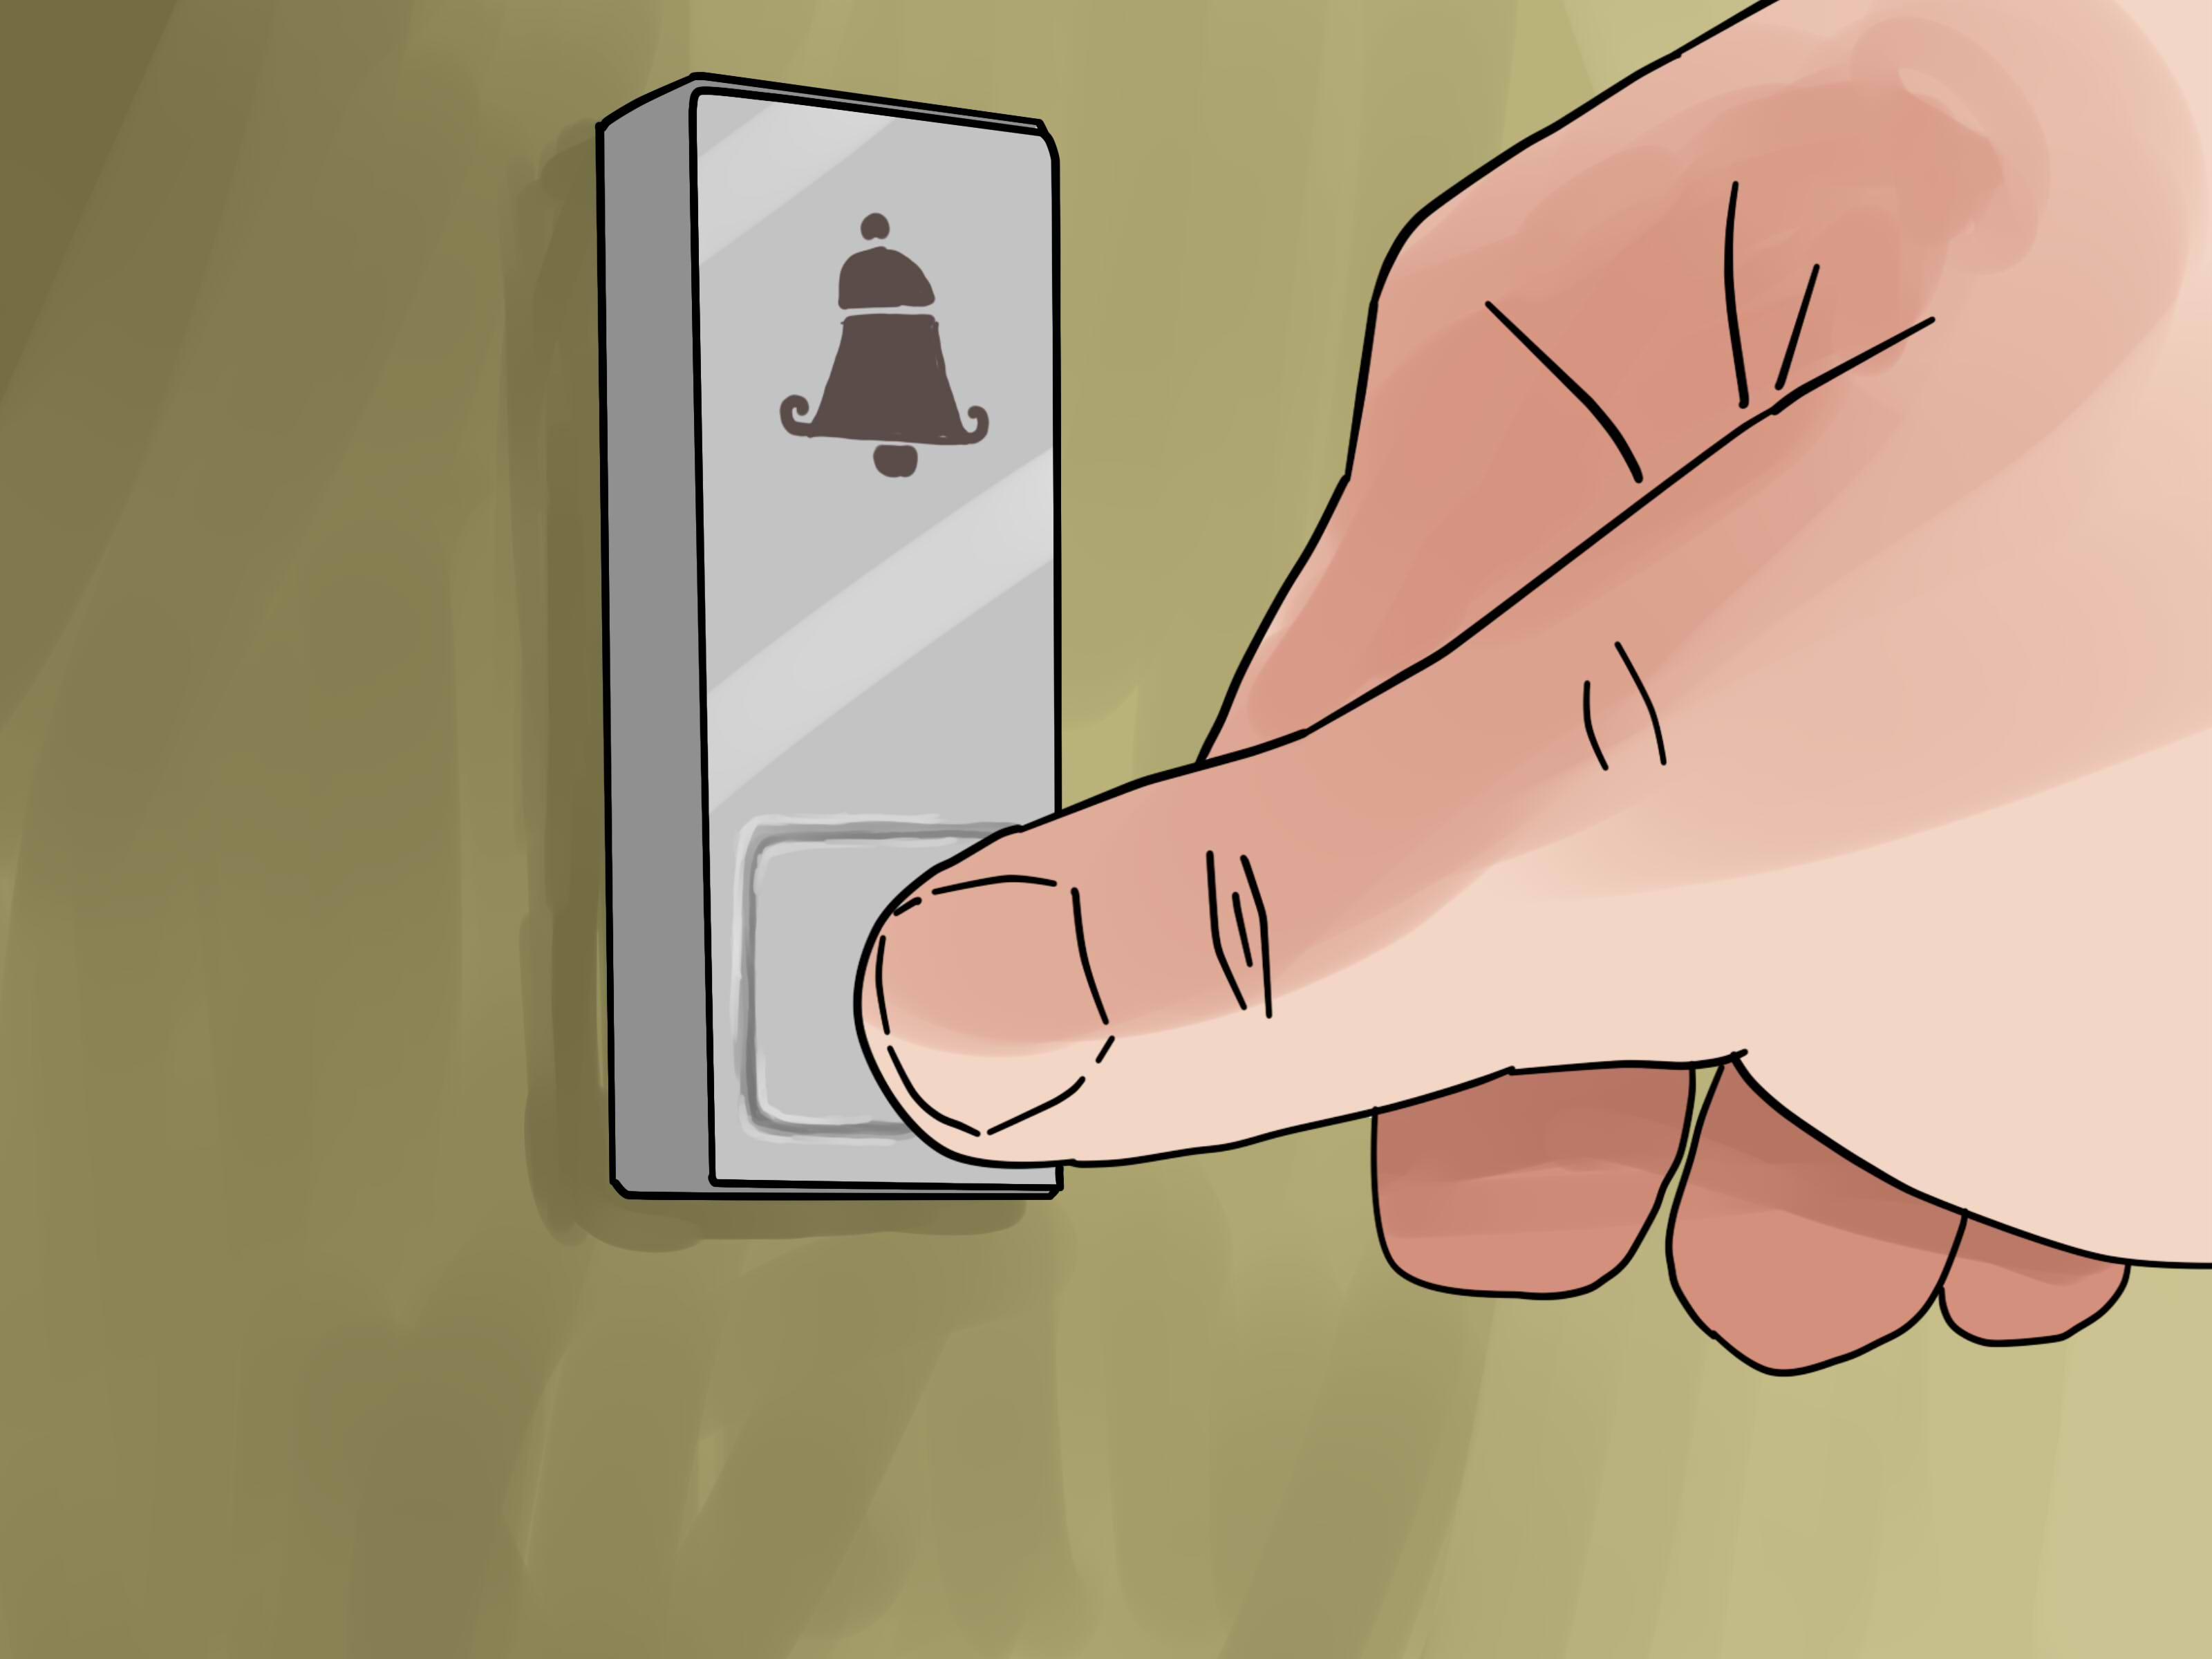 ... 100 [ wiring diagram for front door bell ] repair guides body Doorbell Wiring-Diagram : doorbell wiring colors - yogabreezes.com